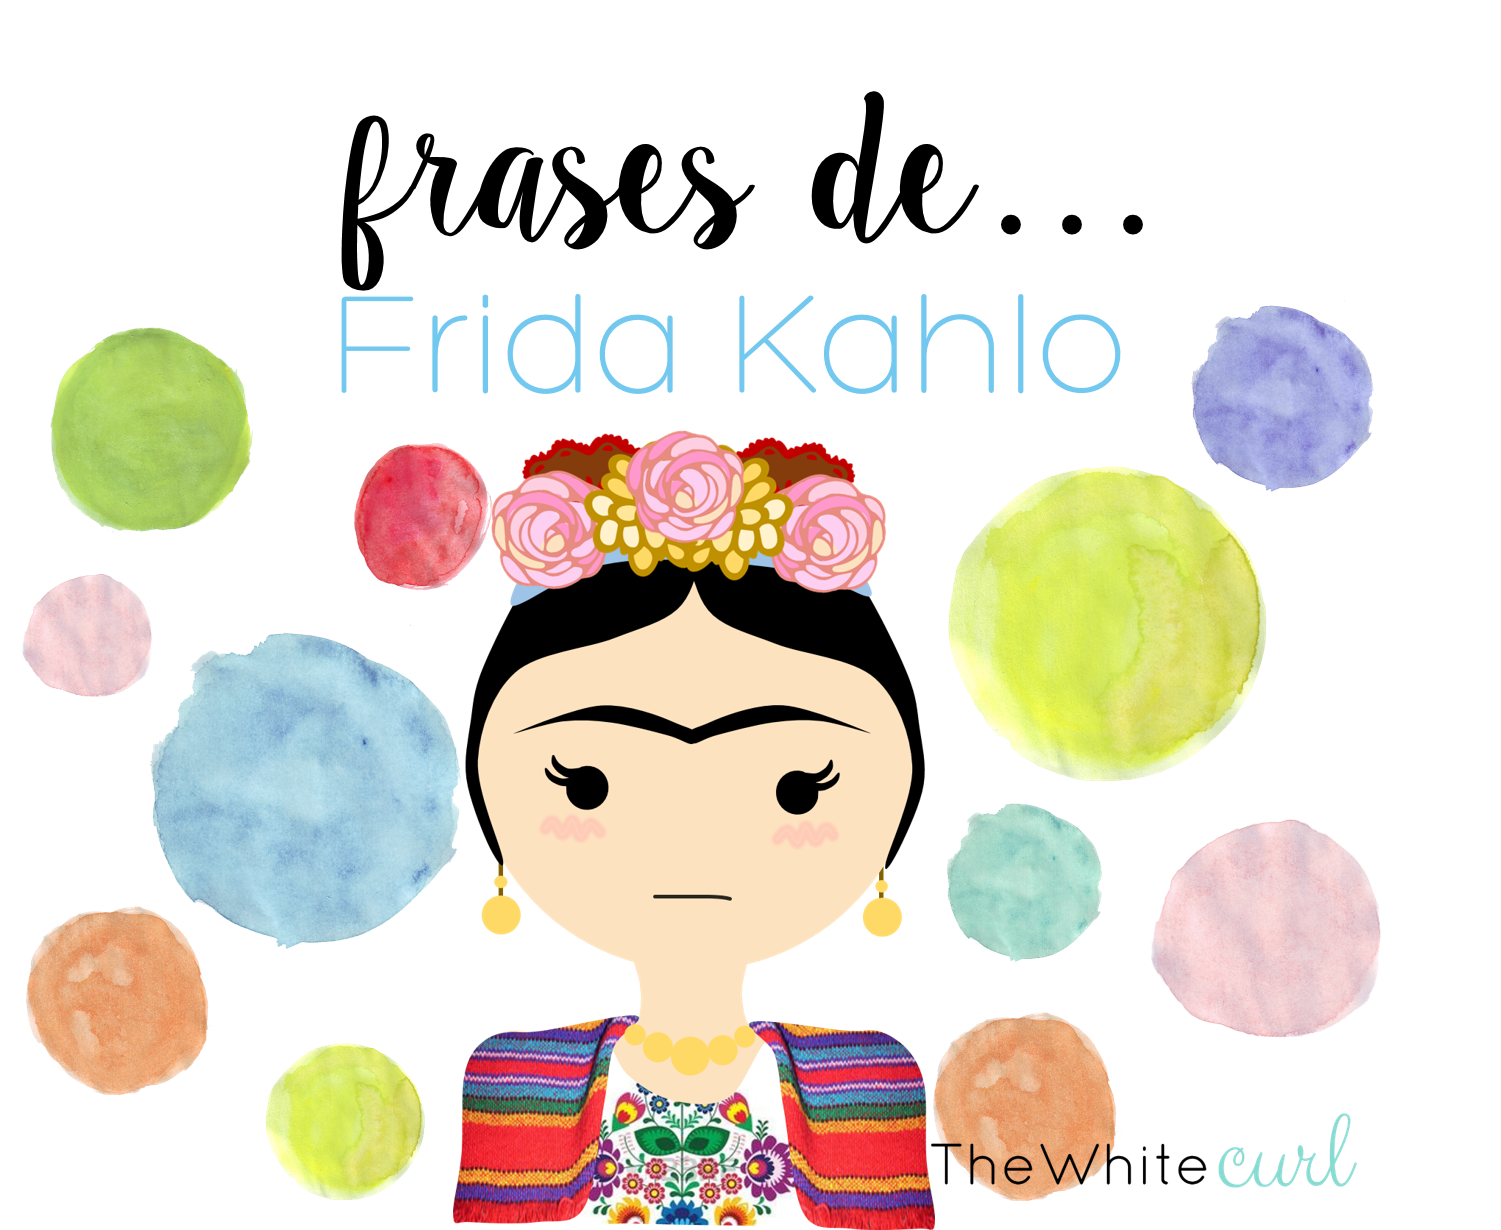 Imagenes De Frida Kahlo Para Imprimir: Frases De Frida Kahlo. Láminas Con Mensaje